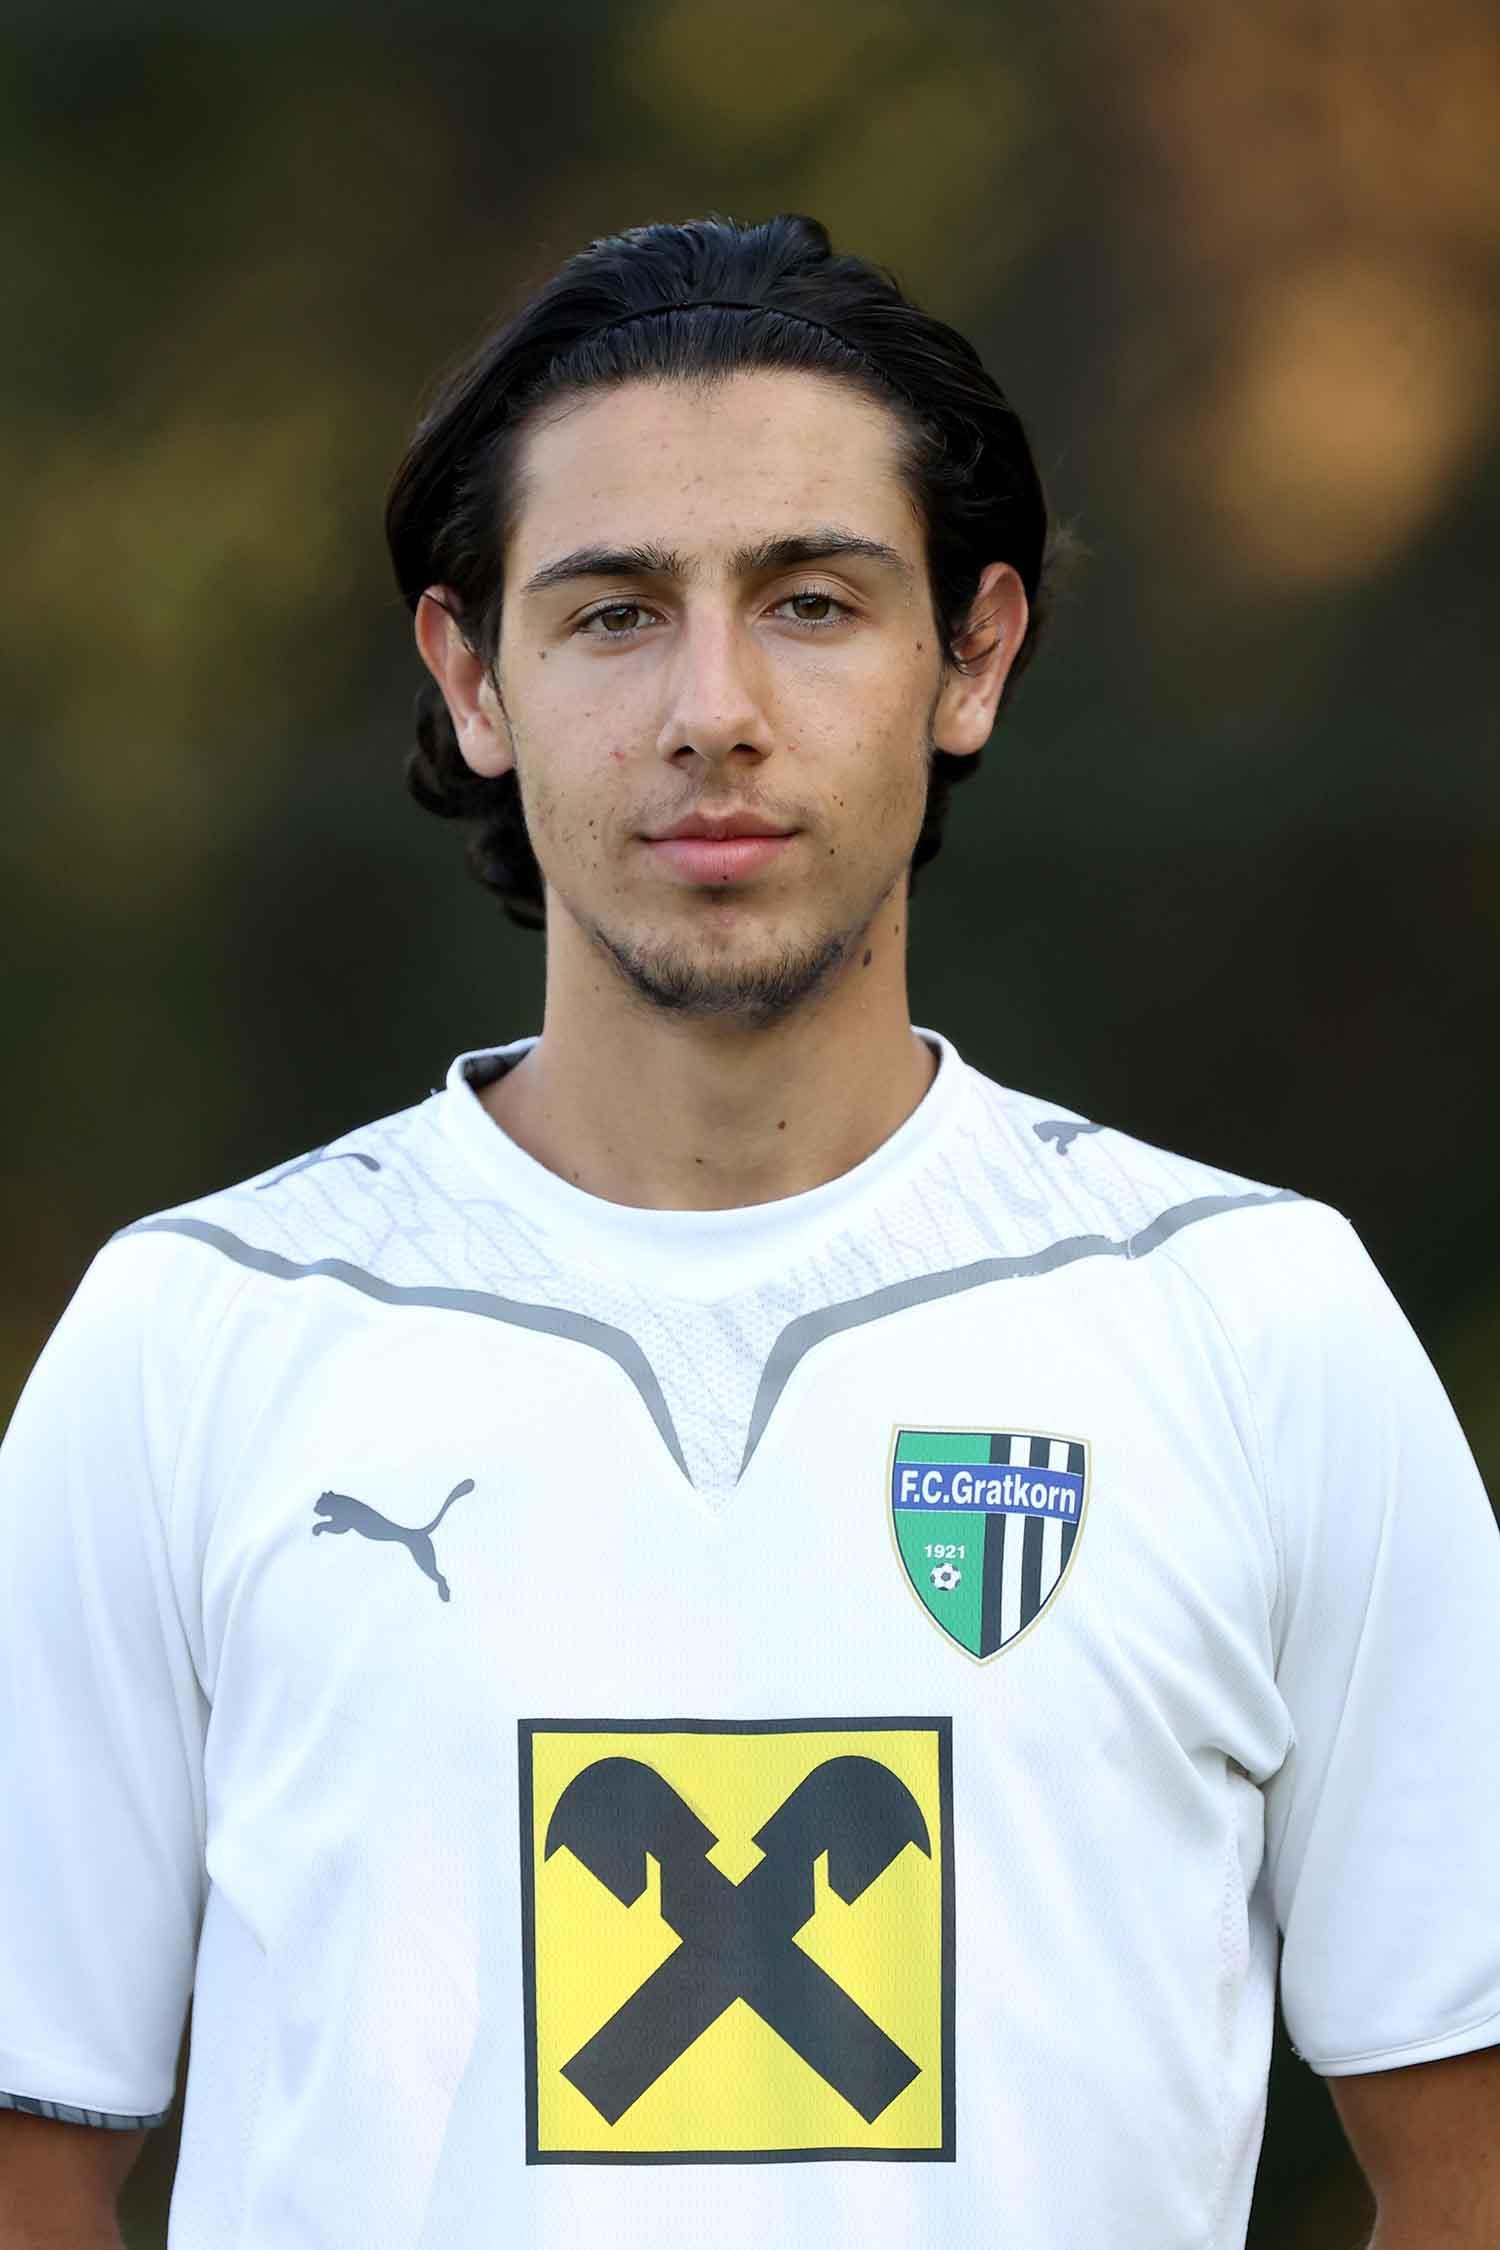 Muamer Tarhan, Sturm FC Gratkorn